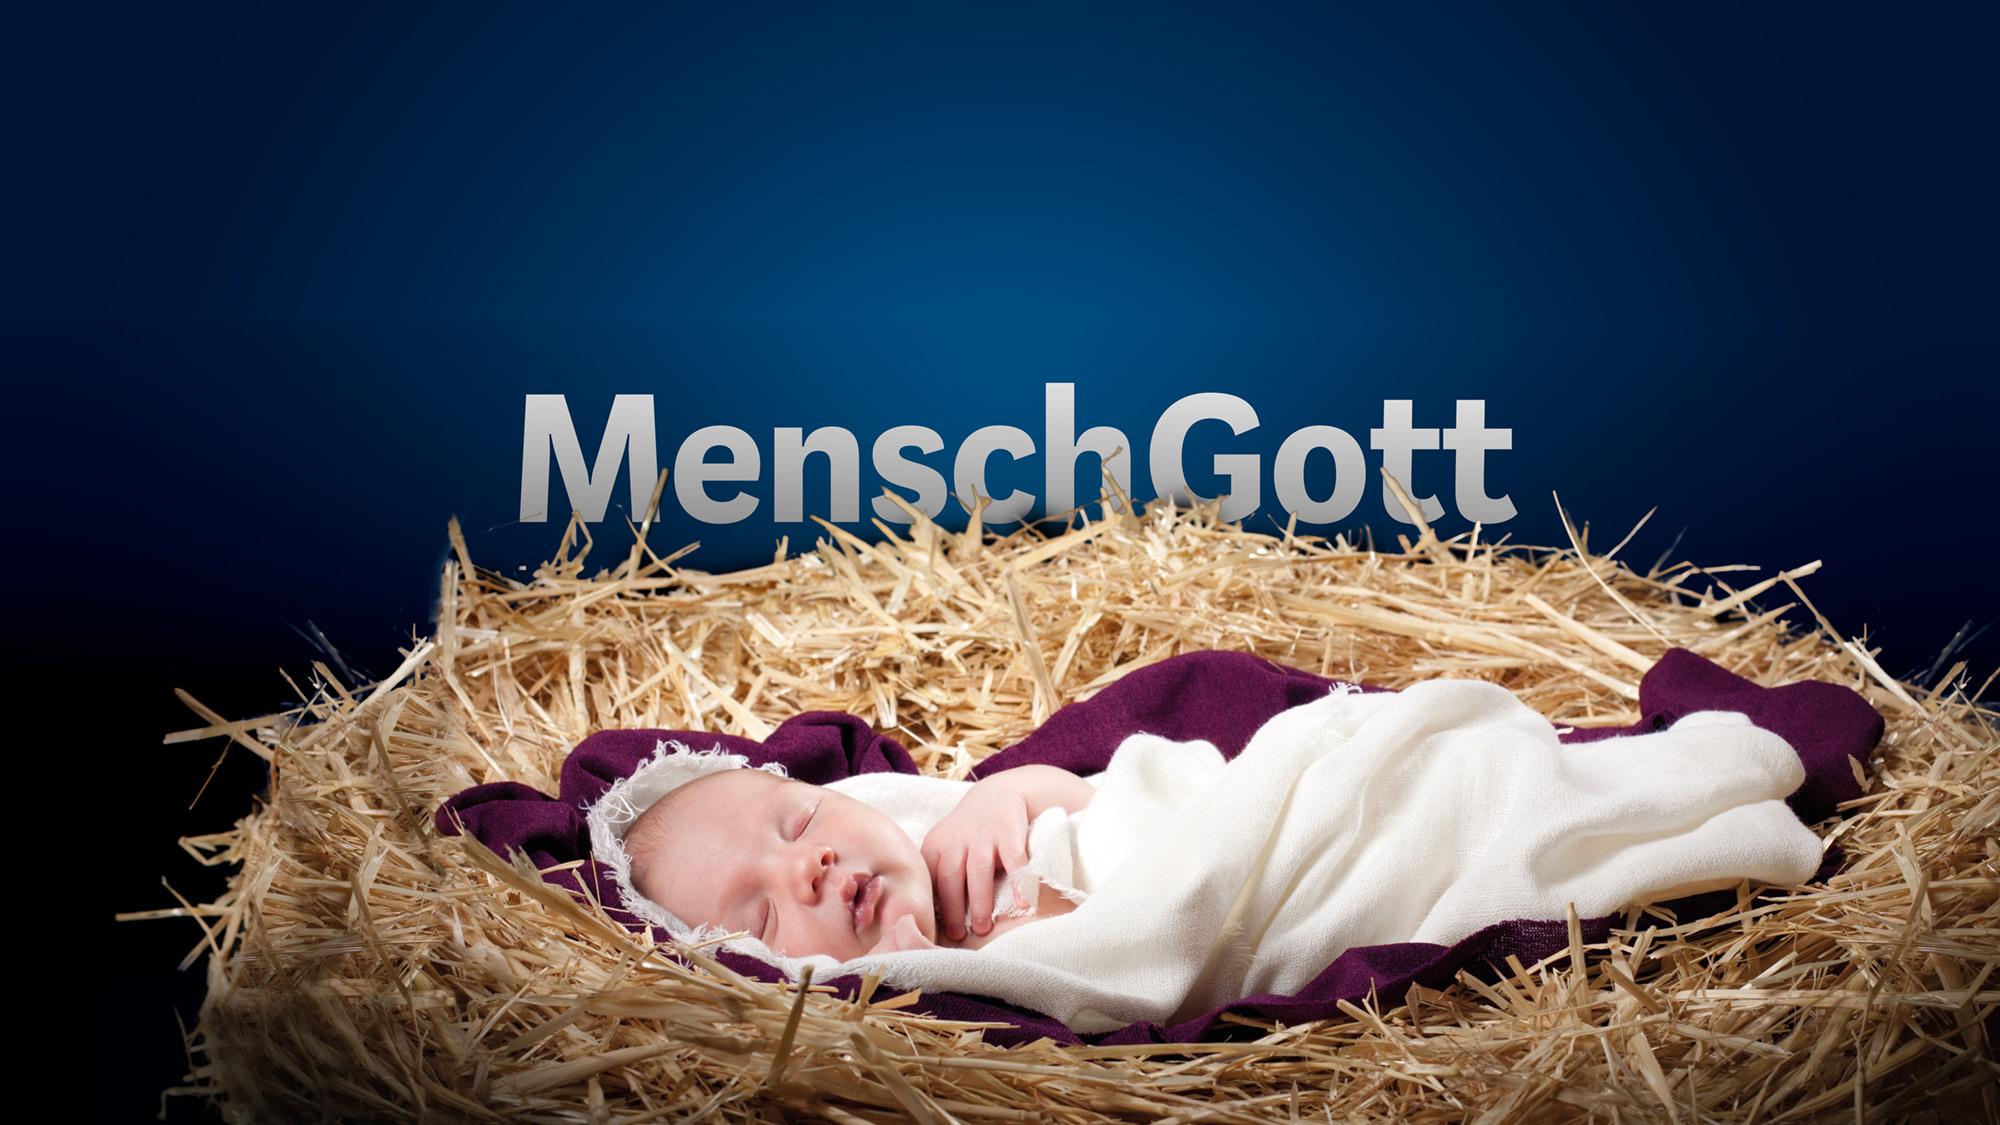 #23: Mensch-Gott